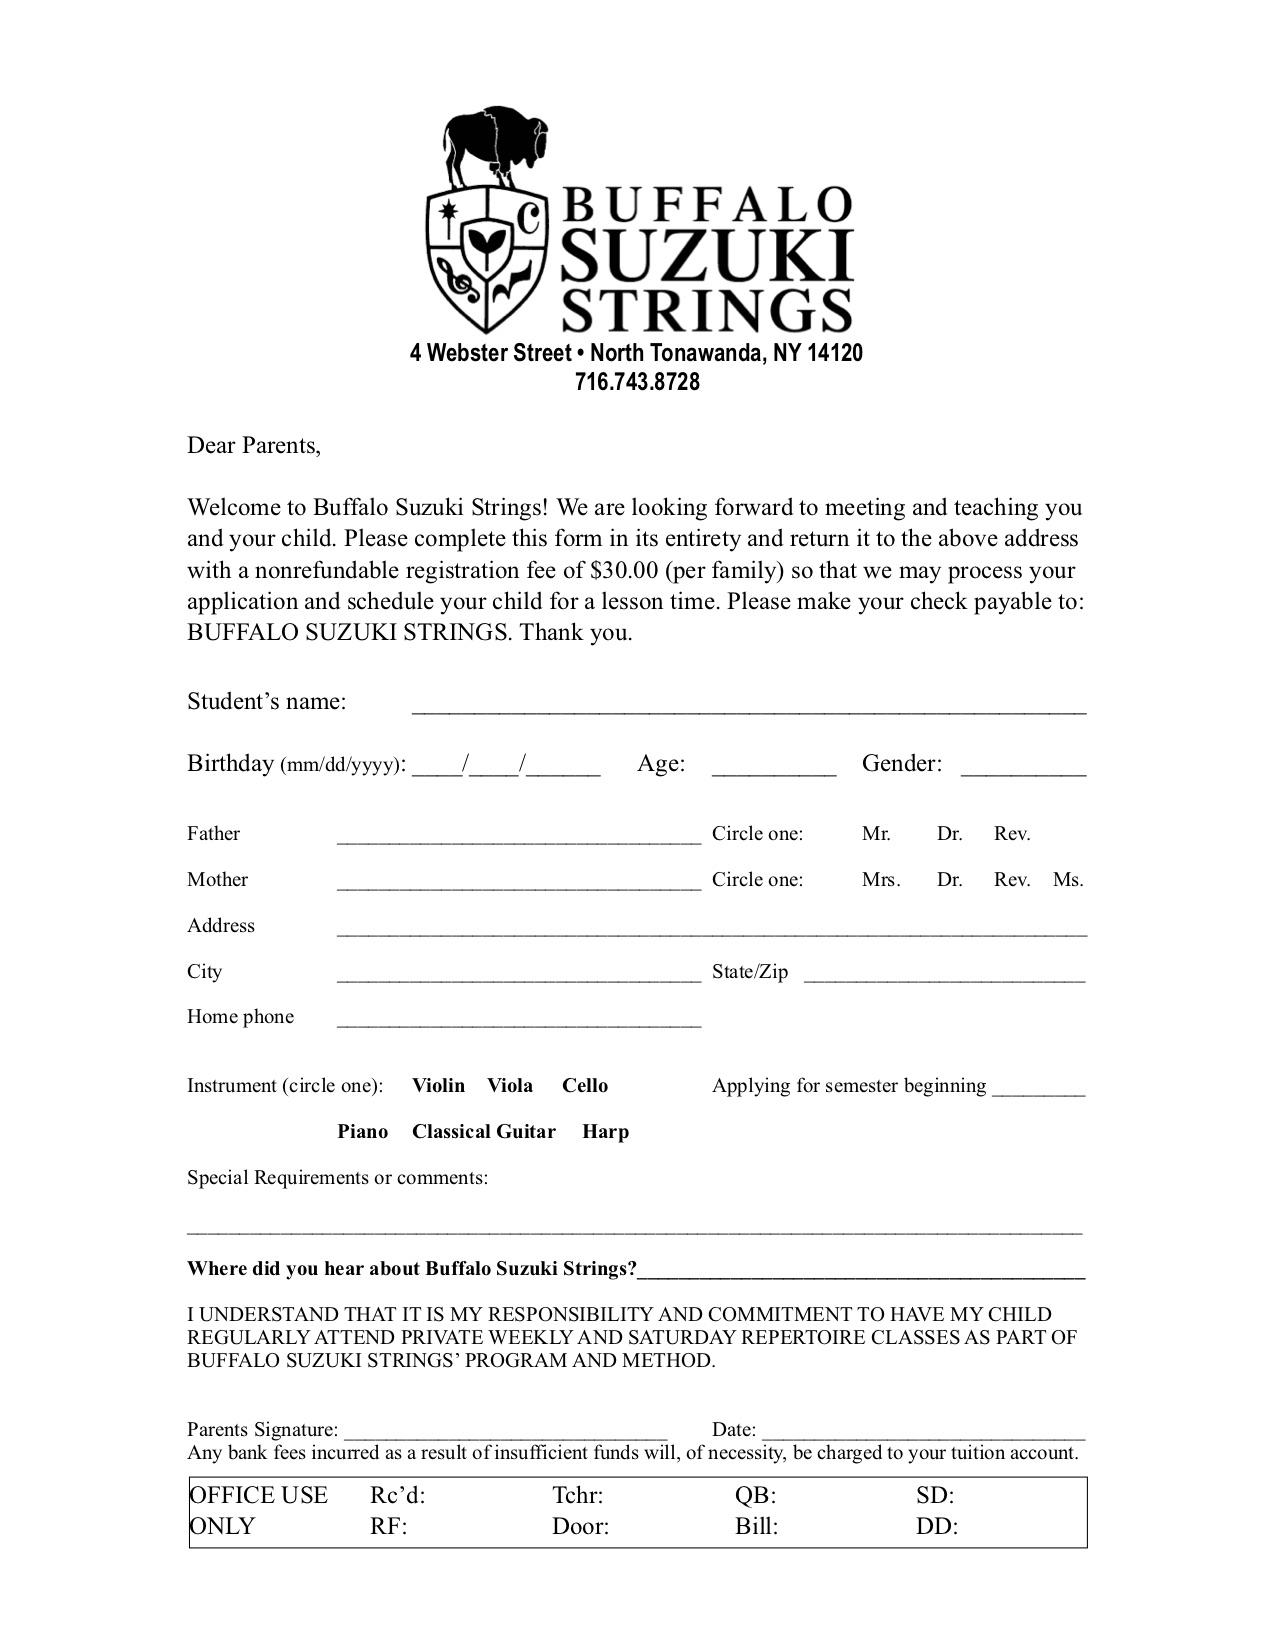 Enrollment Form - Buffalo Suzuki Strings